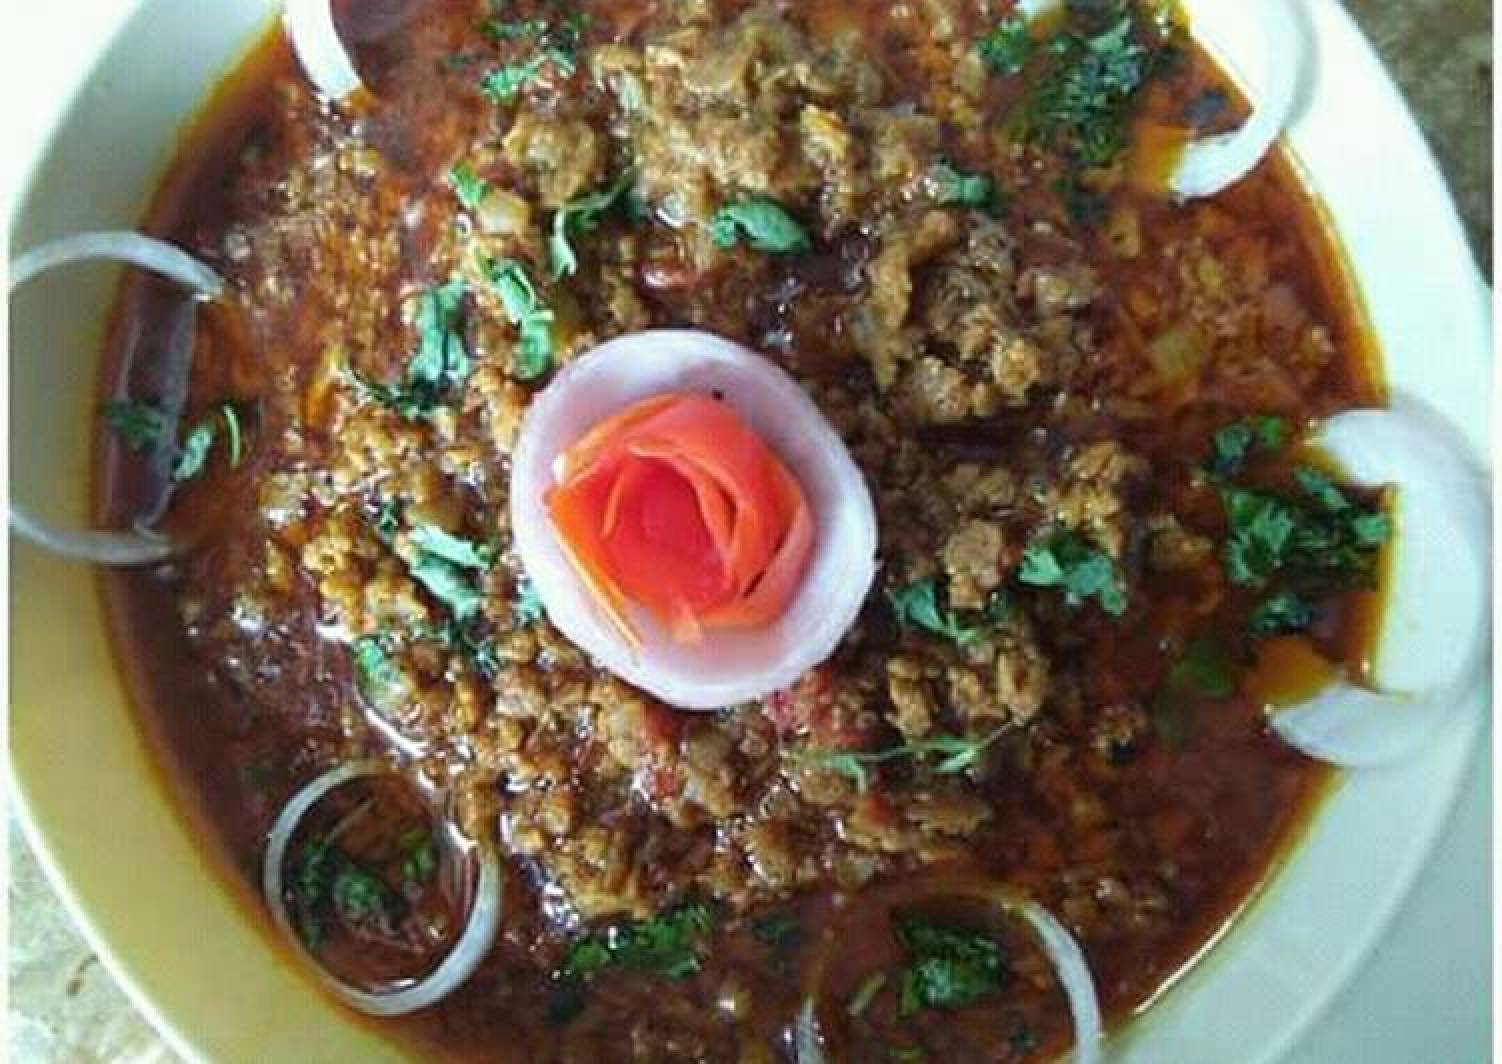 Soyabean bhurji